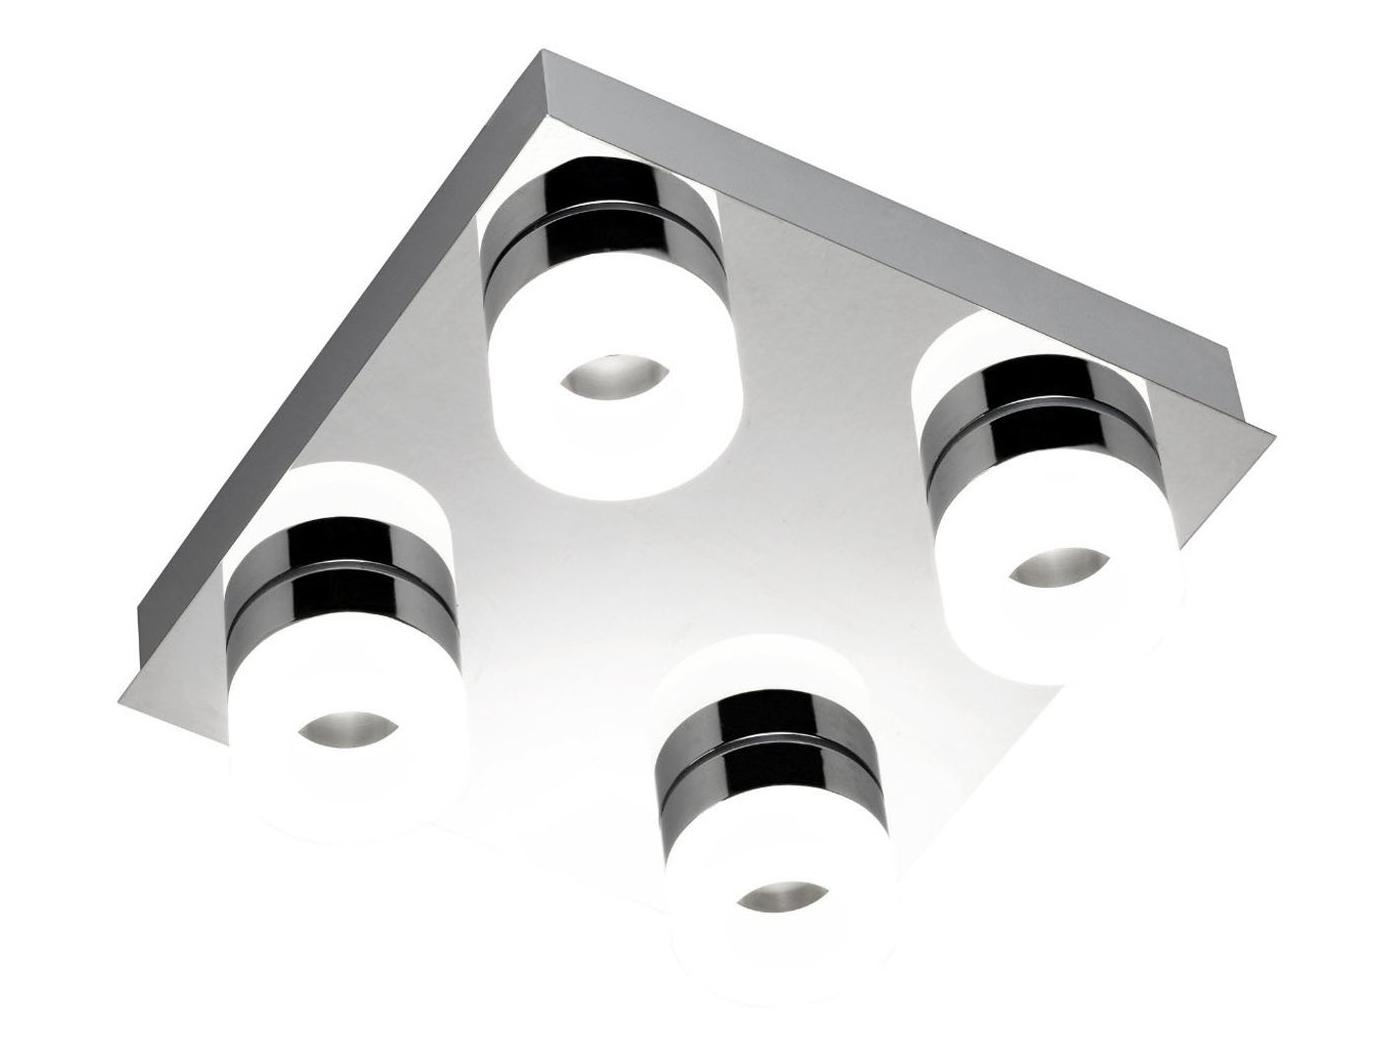 LED Deckenlampe fürs Bad, Chrom, IP23, 26x26 cm, Wofi-Leuchten | eBay